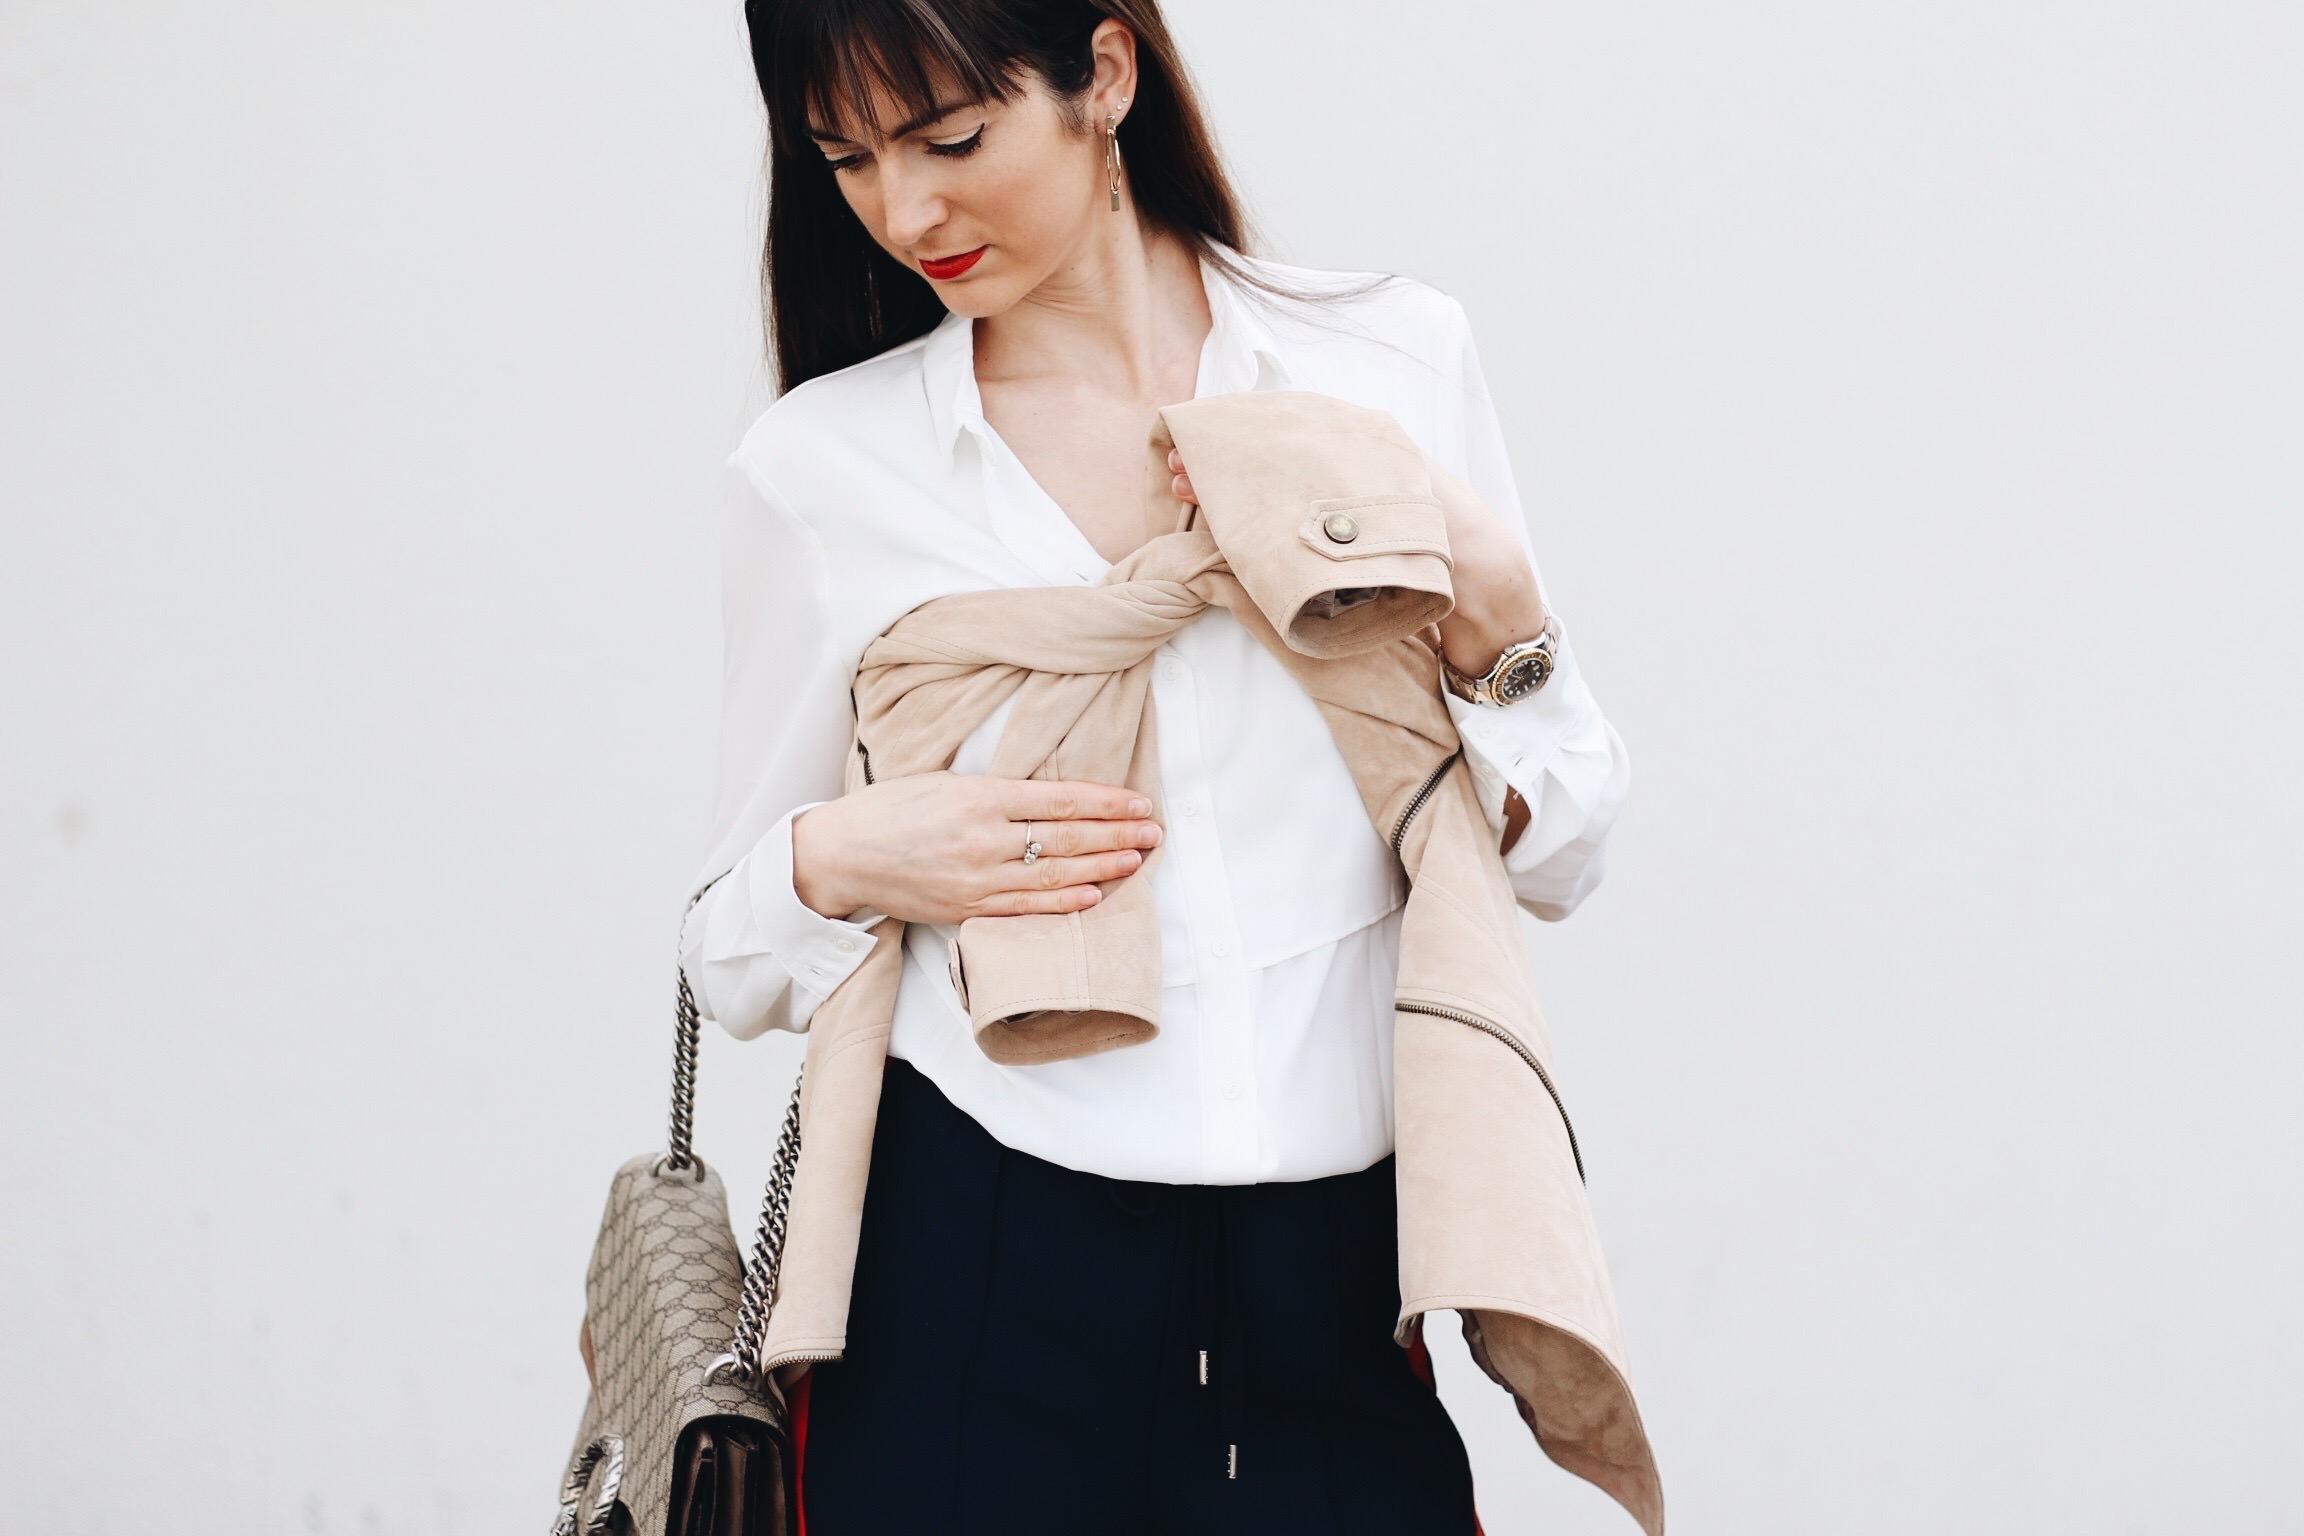 Wildlederjacke von Madeleine kombiniert mit Gucci Dionysus Bag